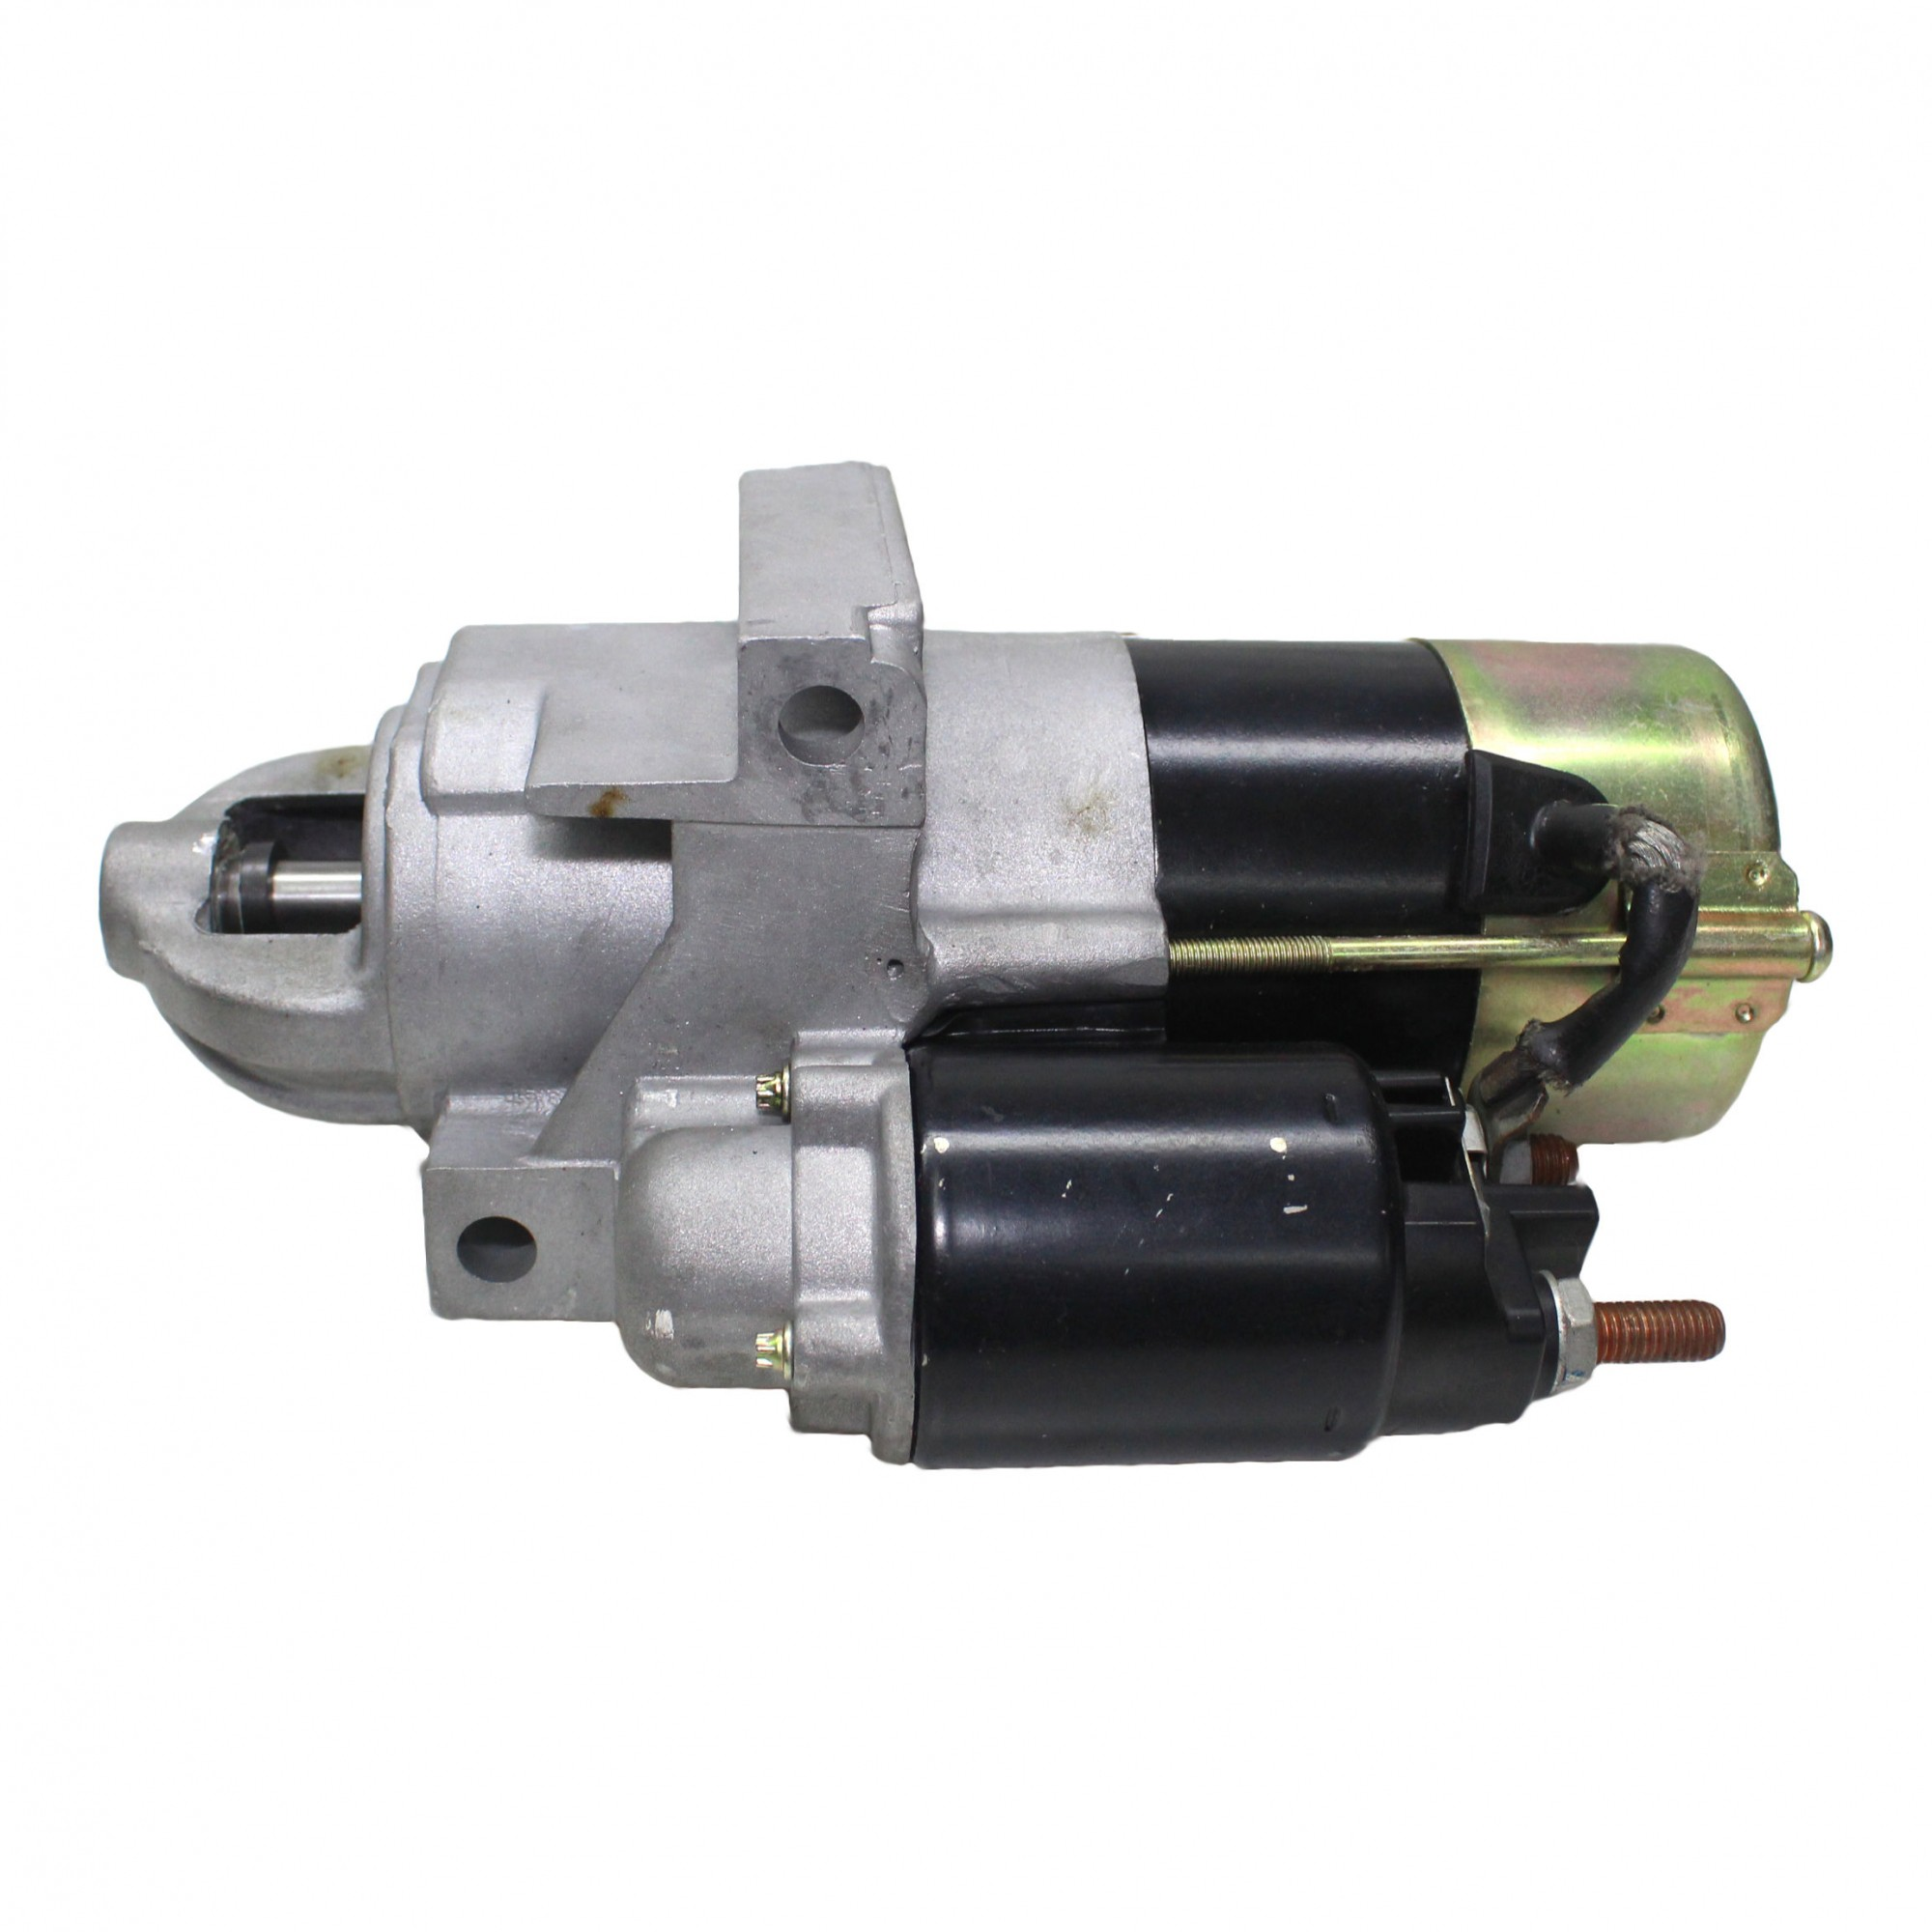 Motor de Arranque Partida S10 V6, Blazer V6 - Recondicionado